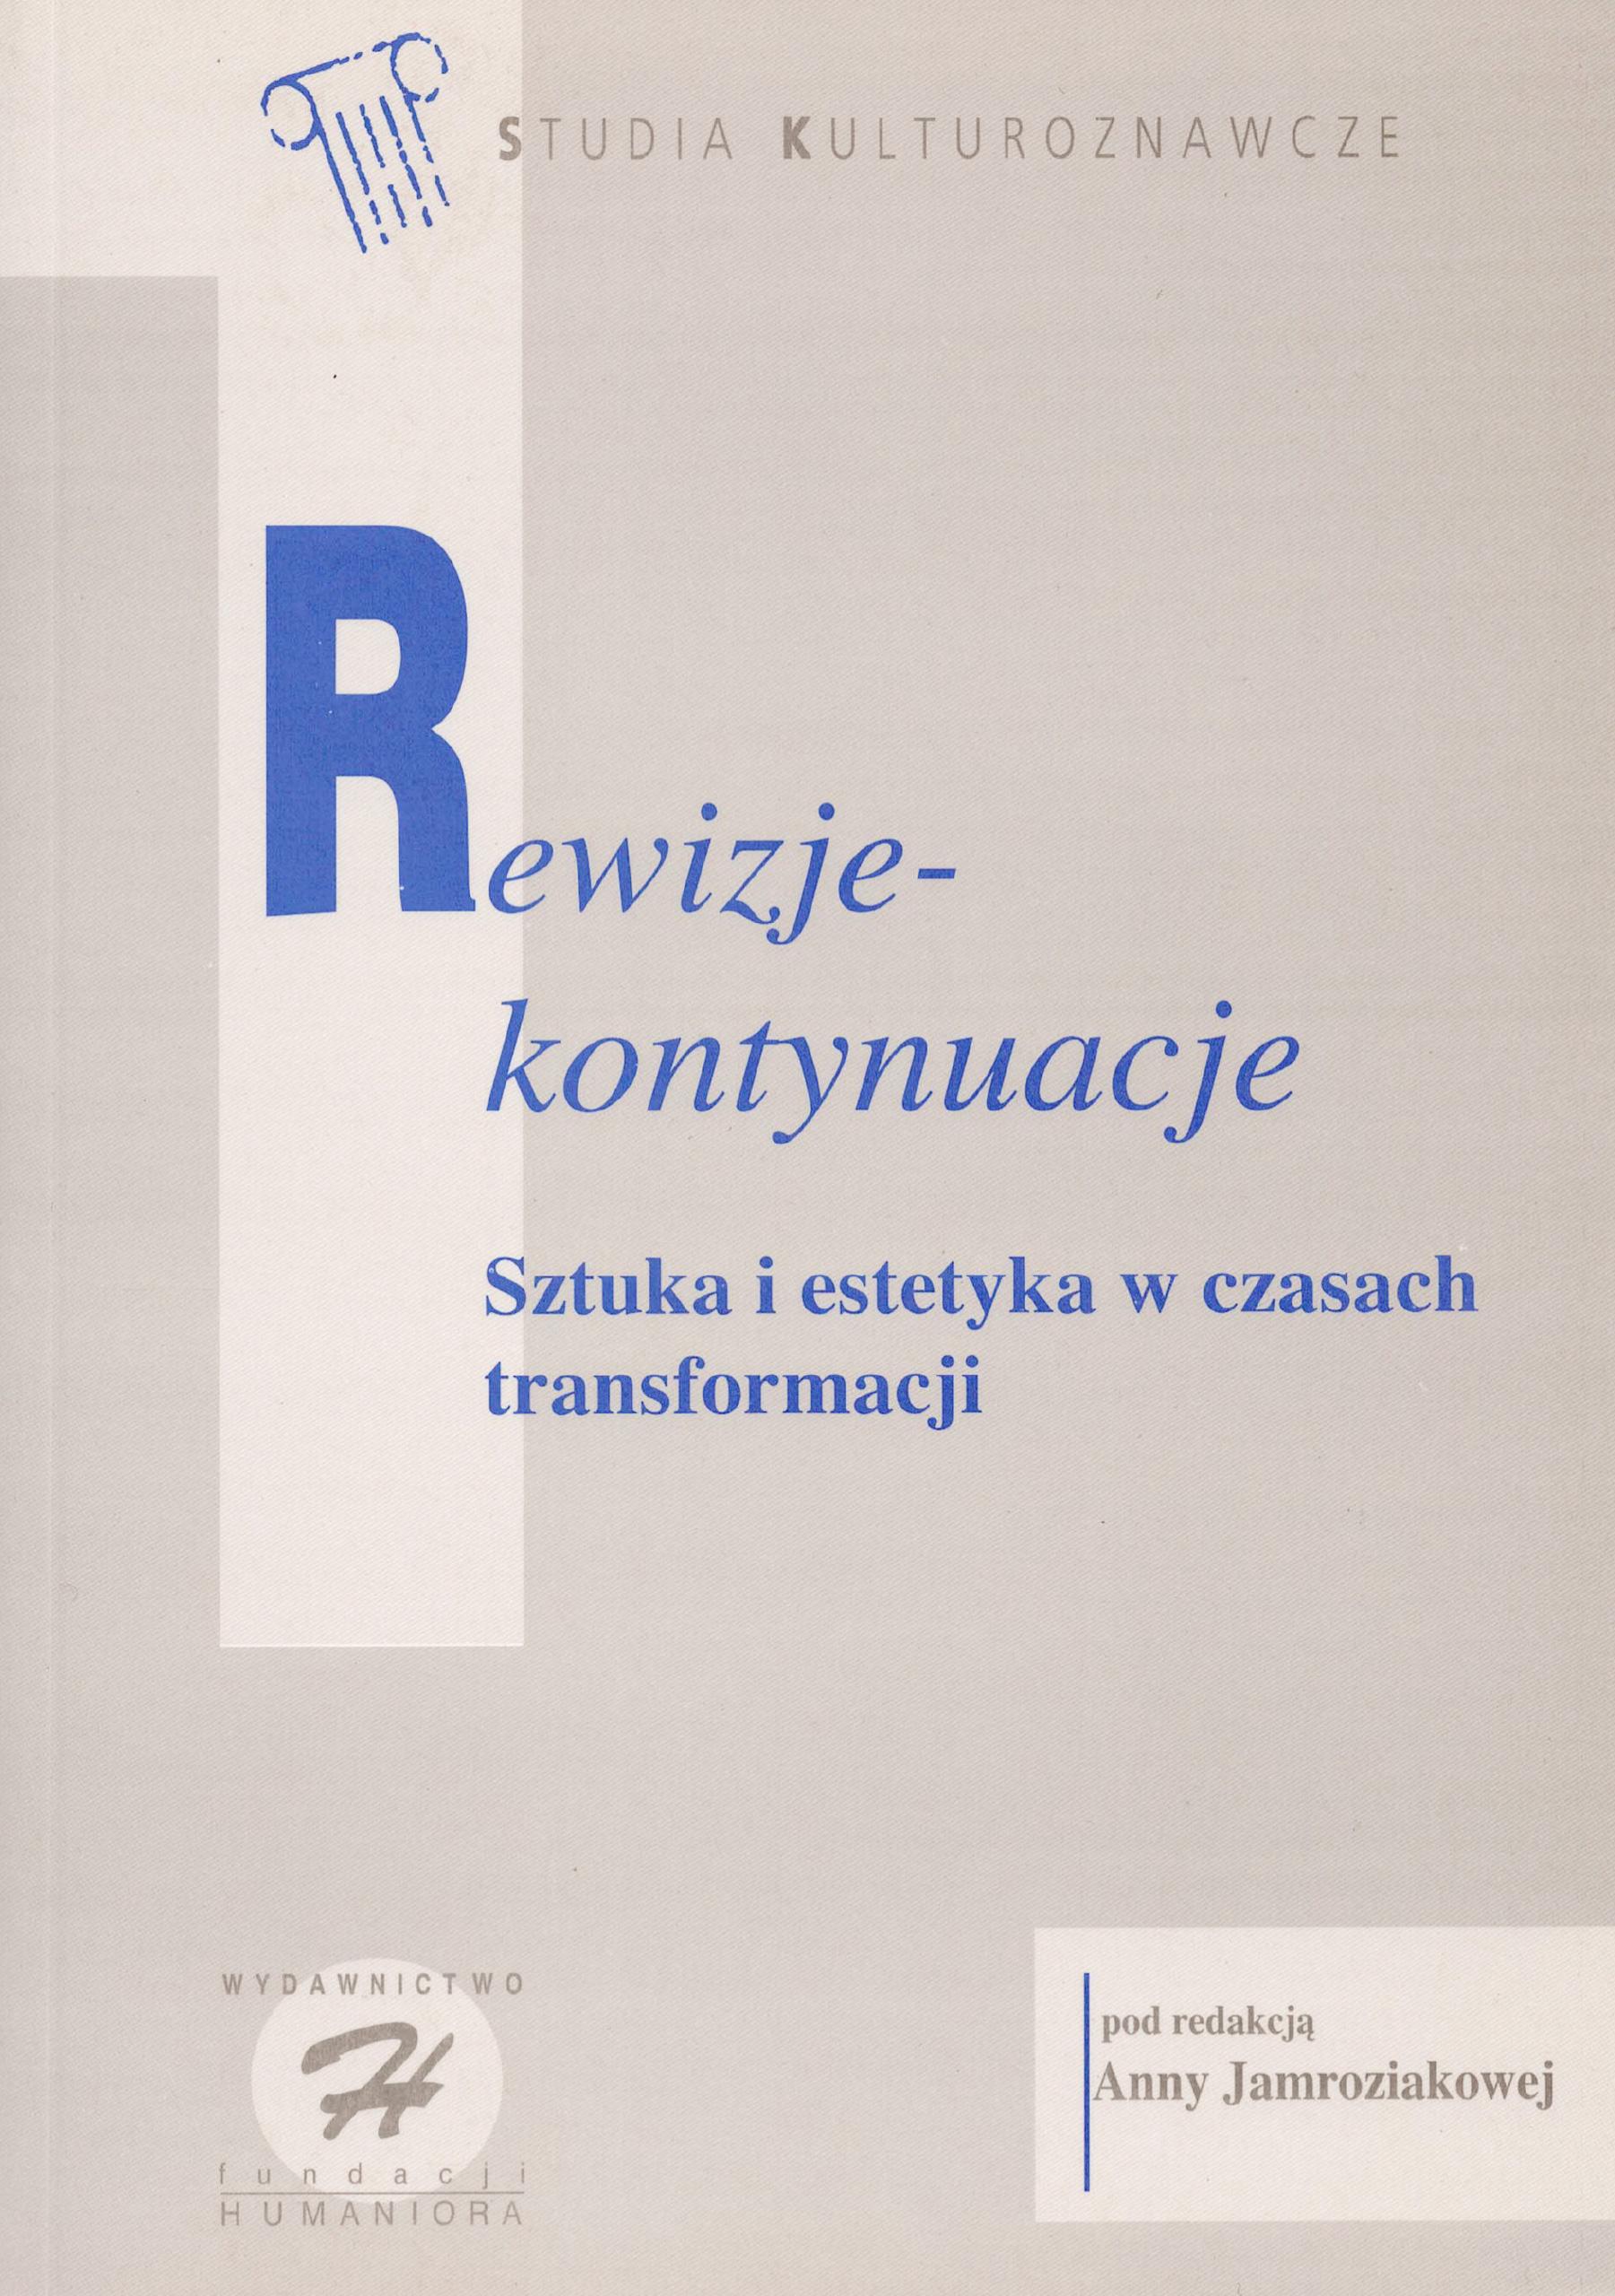 Rewizje - kontynuacje. Sztuka i estetyka w czasach transformacji - Kulturoznawstwo UAM